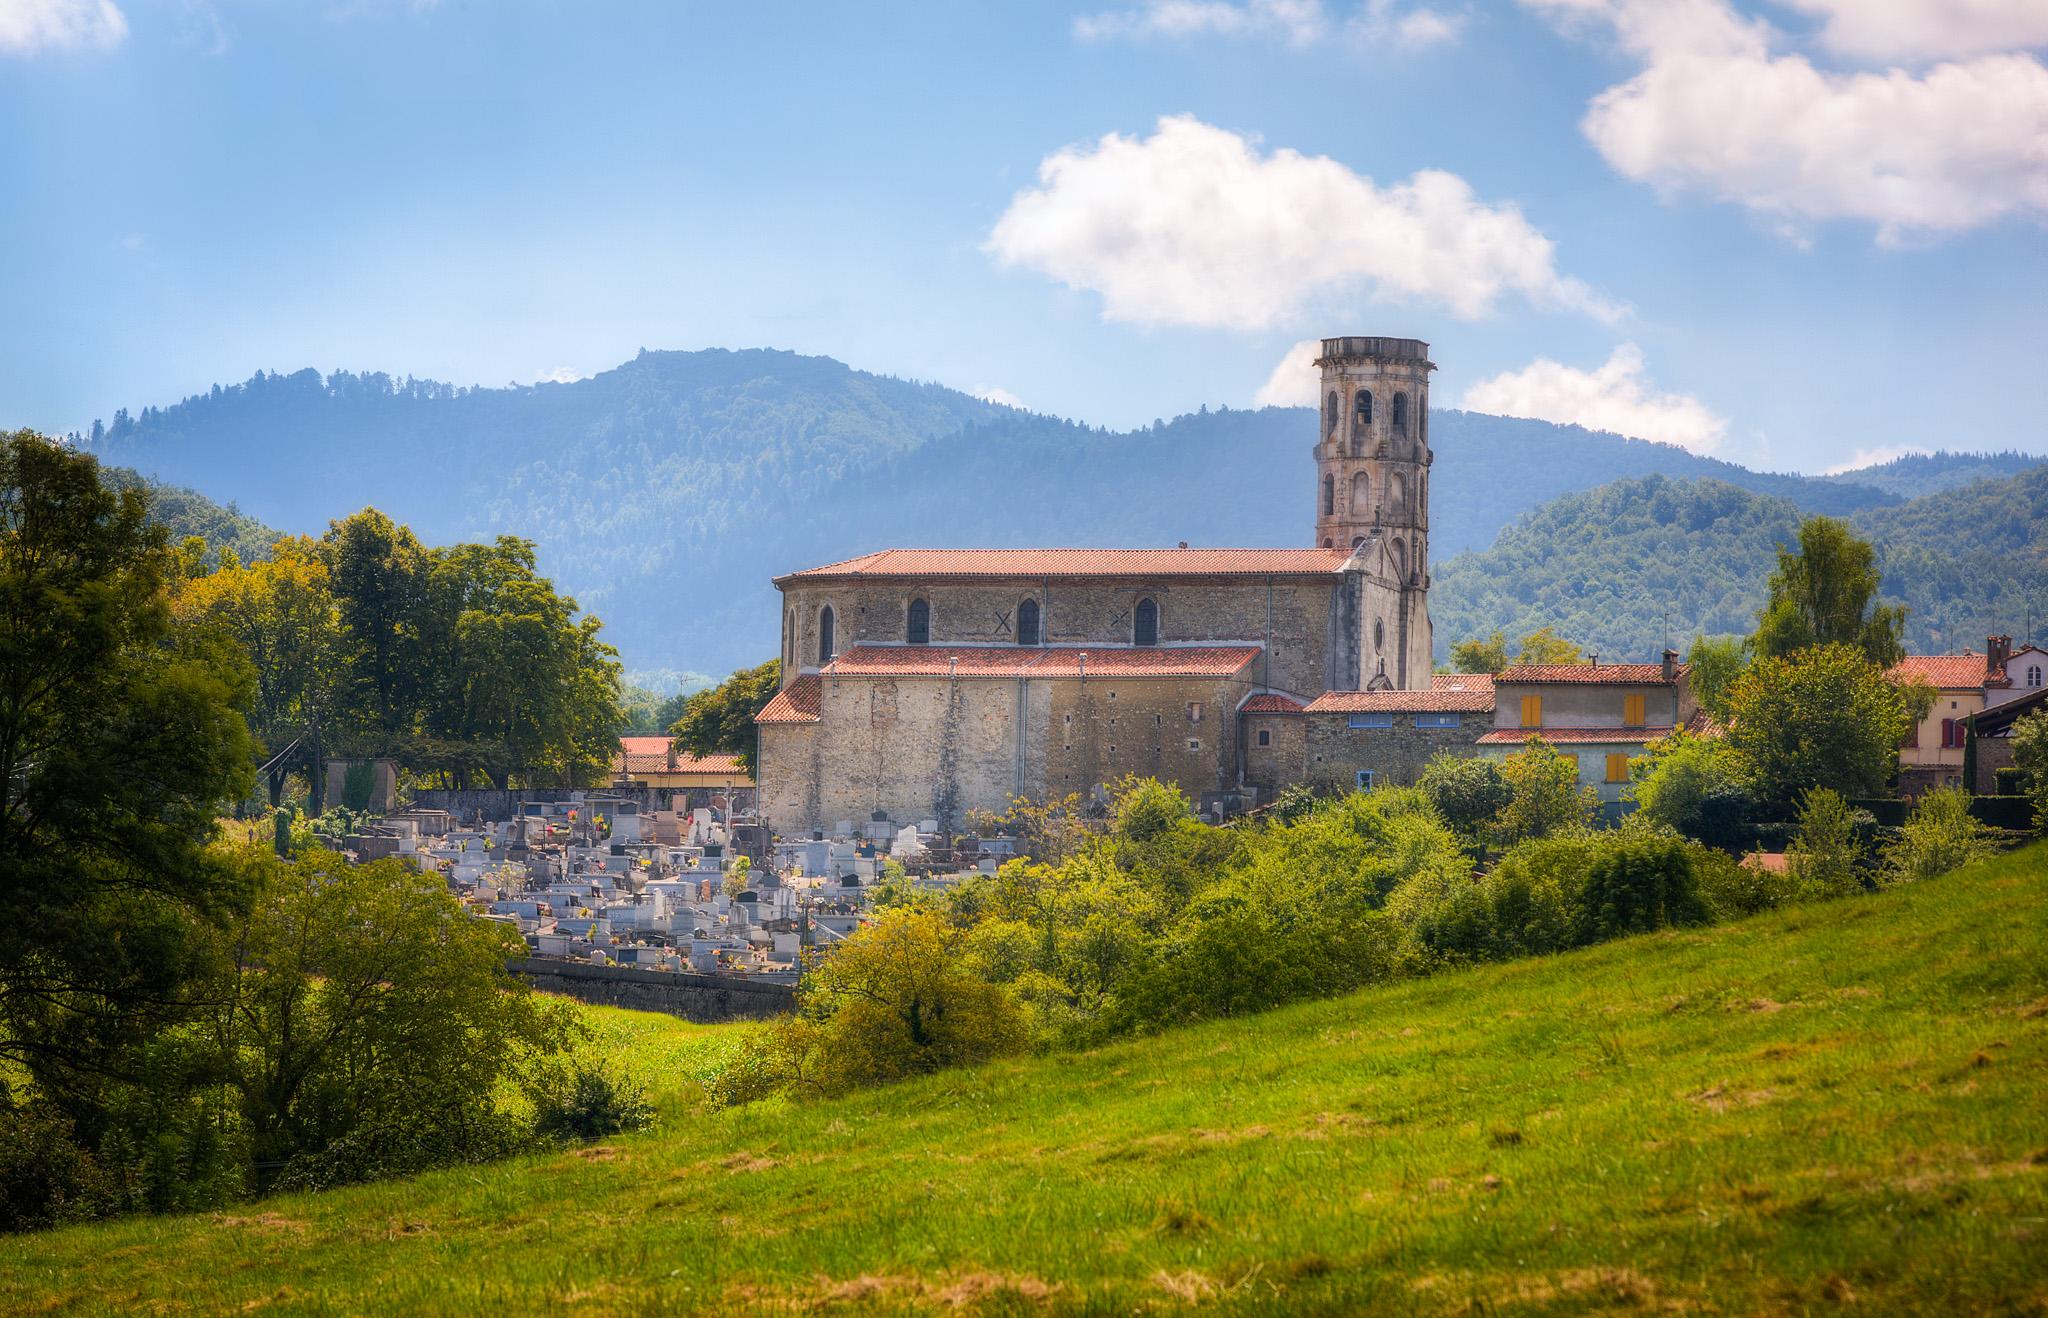 iglesia&castilloIII.jpg